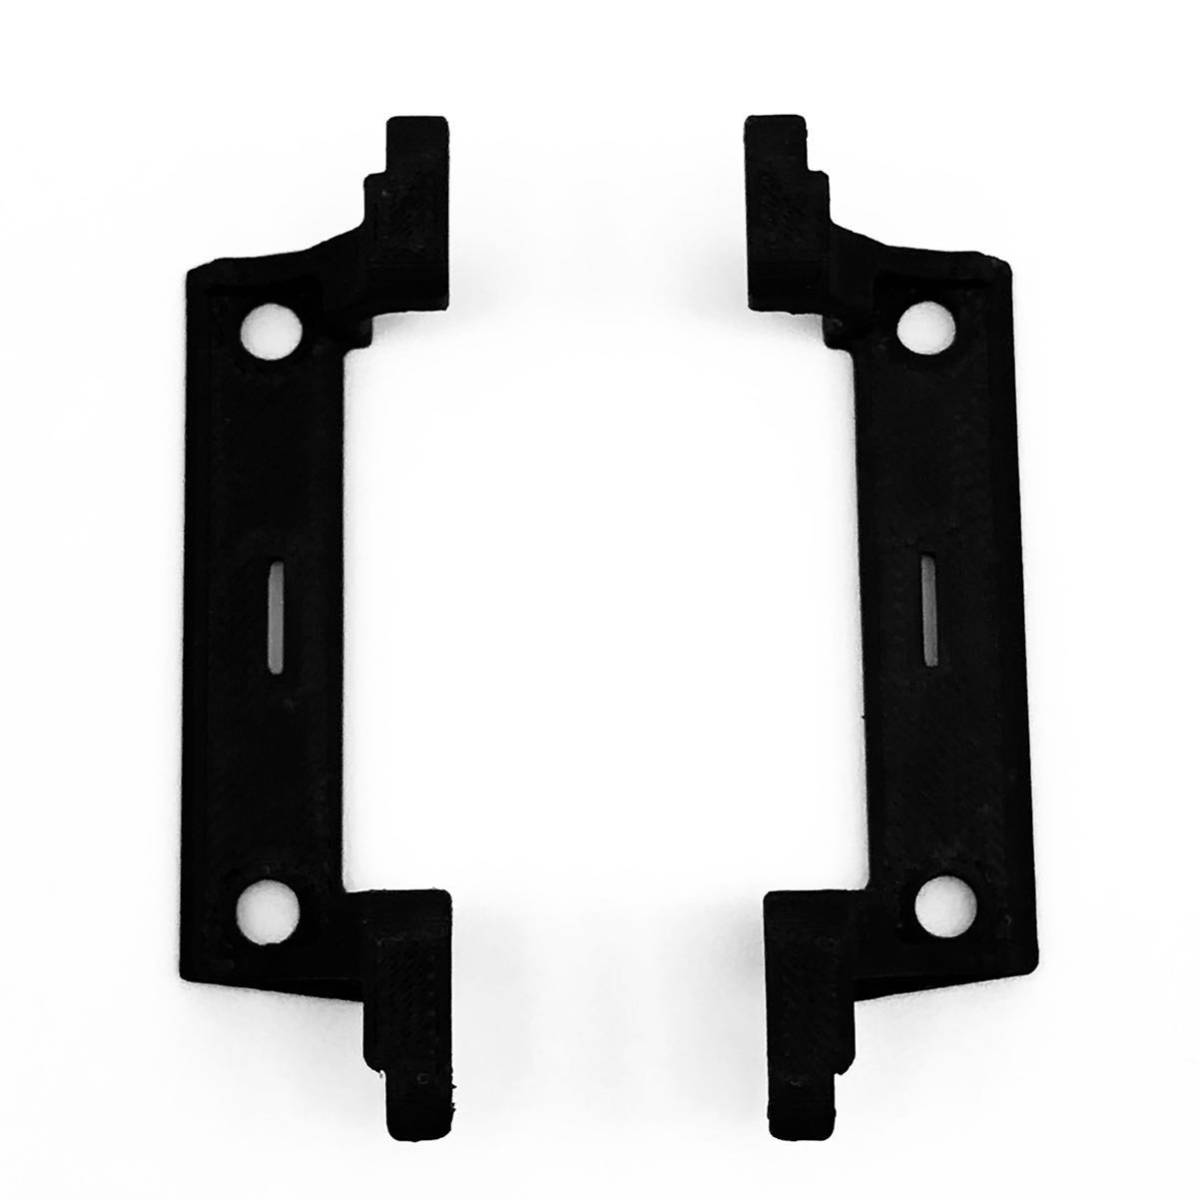 RGTタイヤ + 変換ハブ + ABS製 ミニッツ 4x4 ジムニーシエラ 用 10mm リフトアップパーツセット 4×4